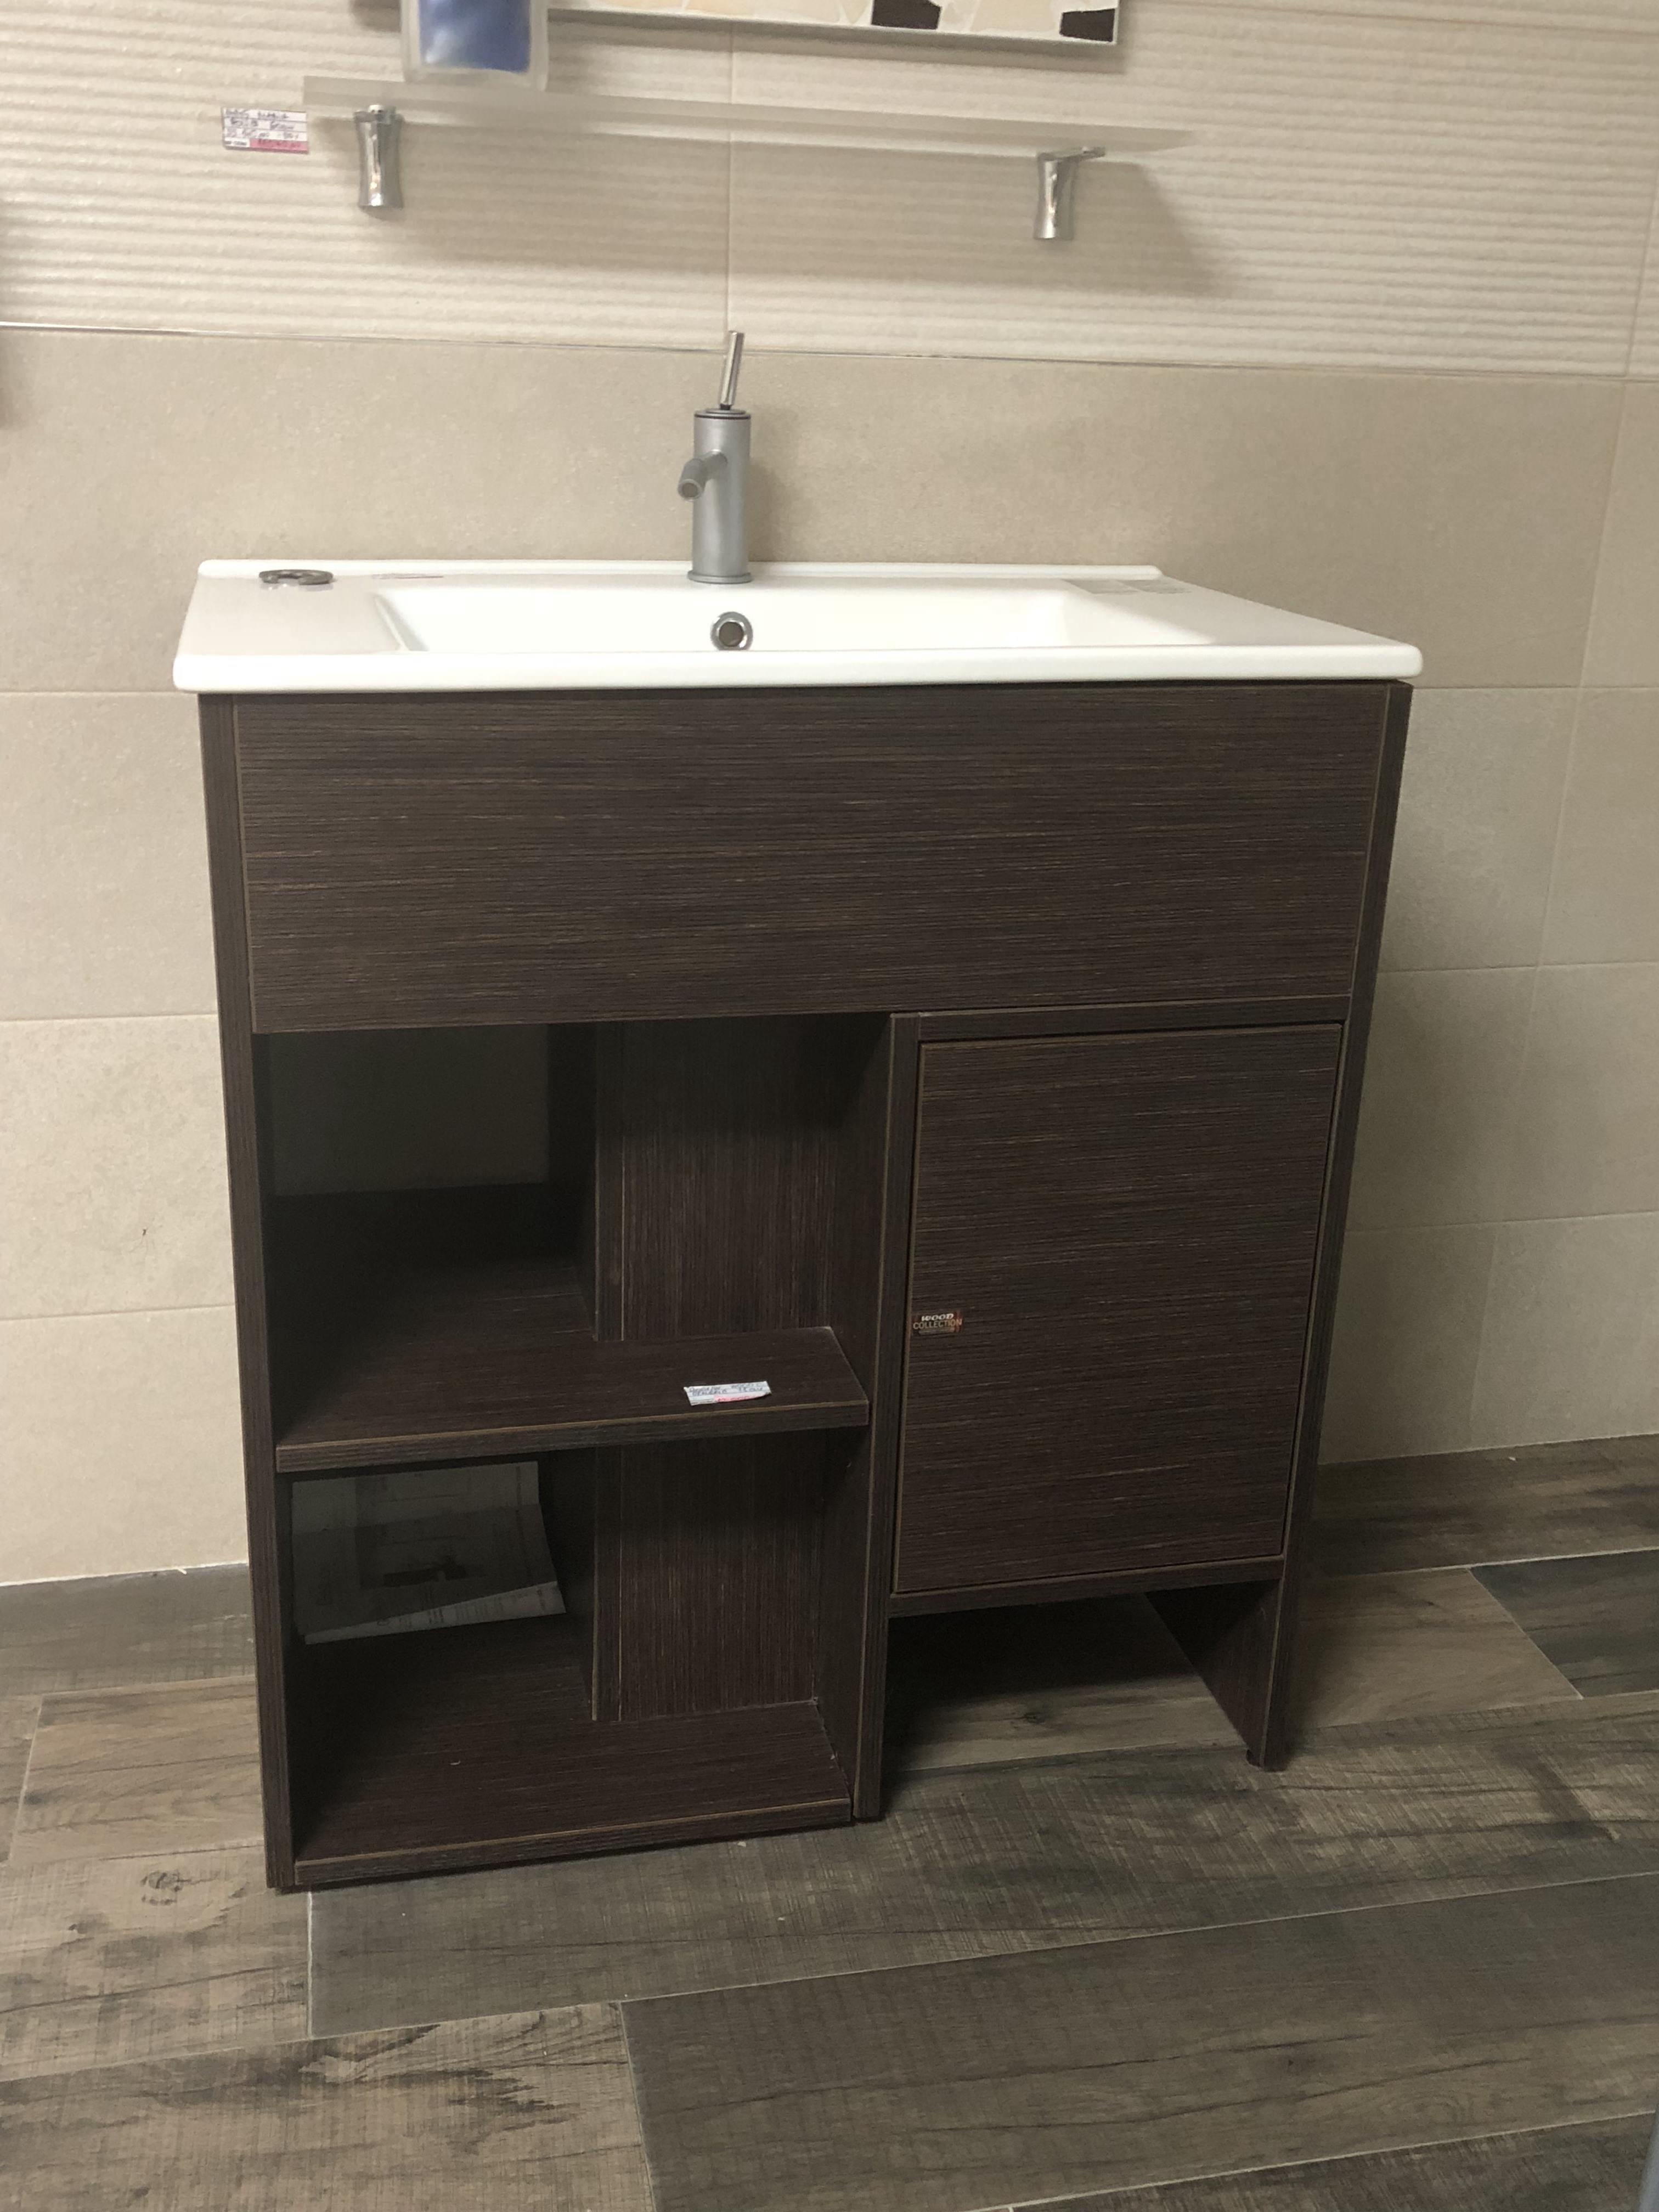 Kupatilski namestaj ormarić za ugradni lavabo kupatila online